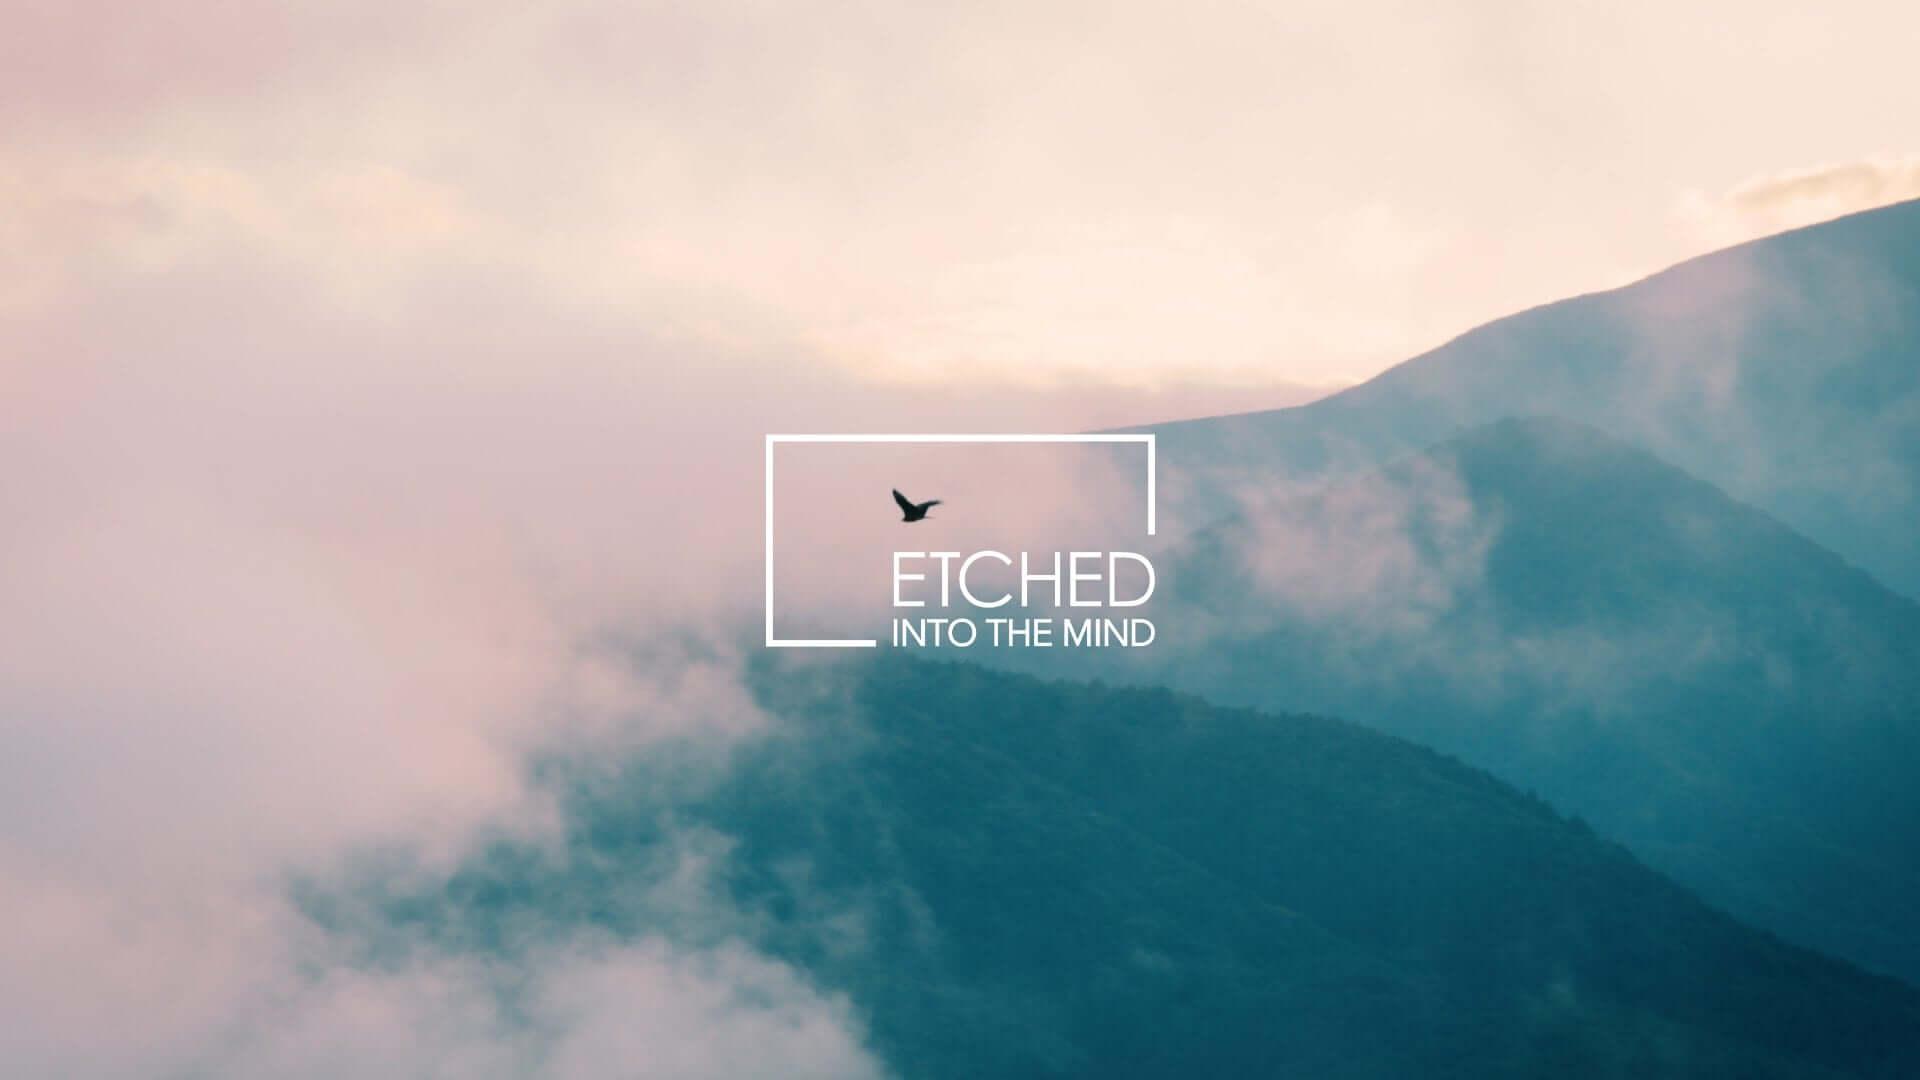 日本の風景&音楽を発信するアートプロジェクト「ETCHED」にSakura Tsurutaが登場!4Kのライブ映像が無料公開 music201120_etched_9-1920x1080